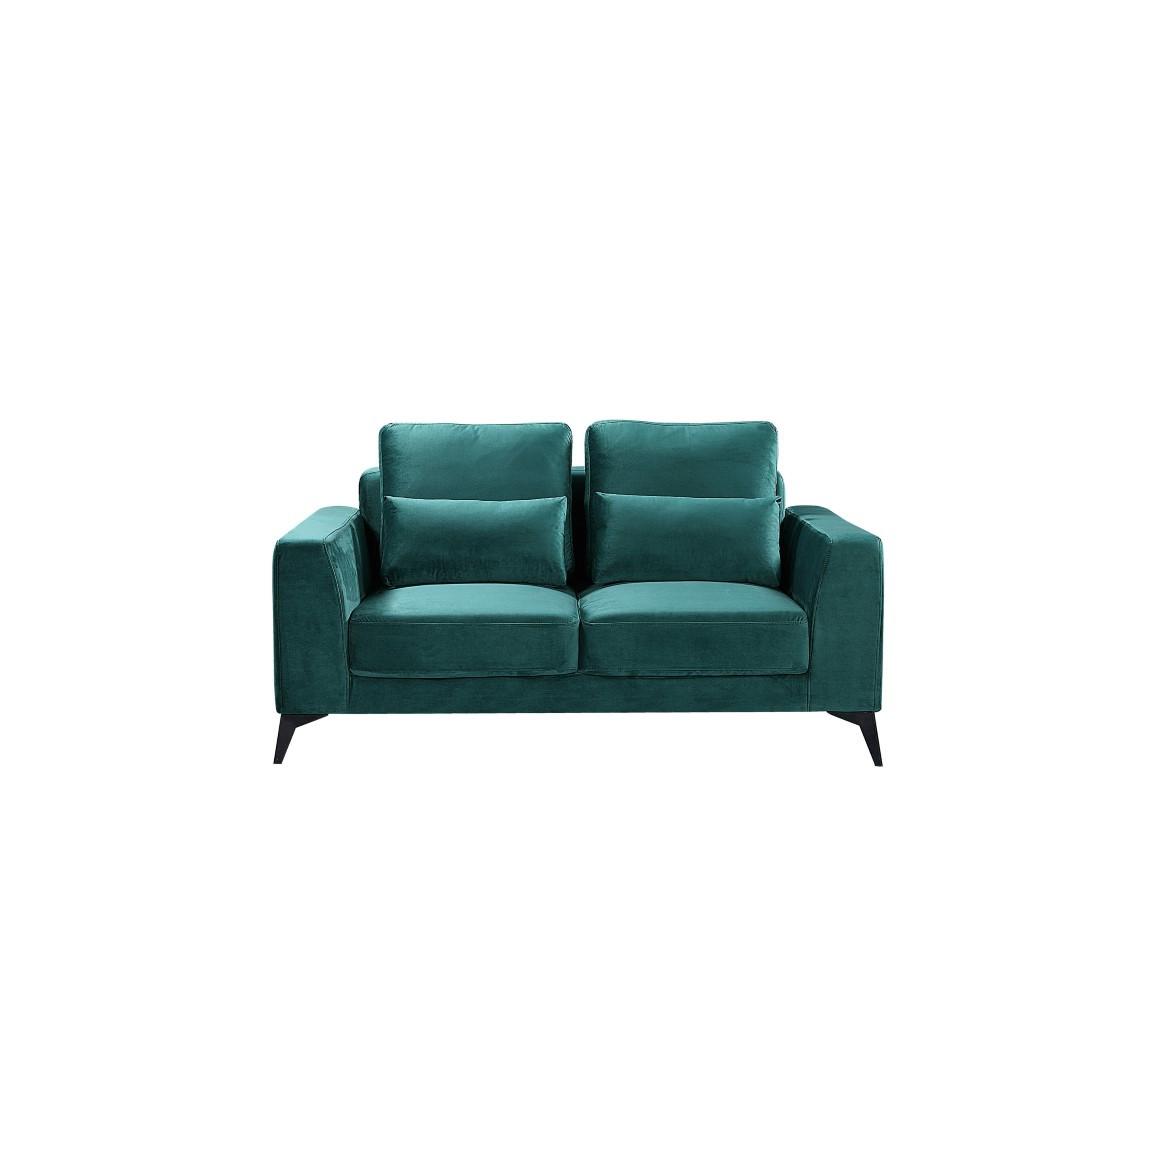 2-Sitzer-Sofa Enjoy 833 | Dunkelgrün